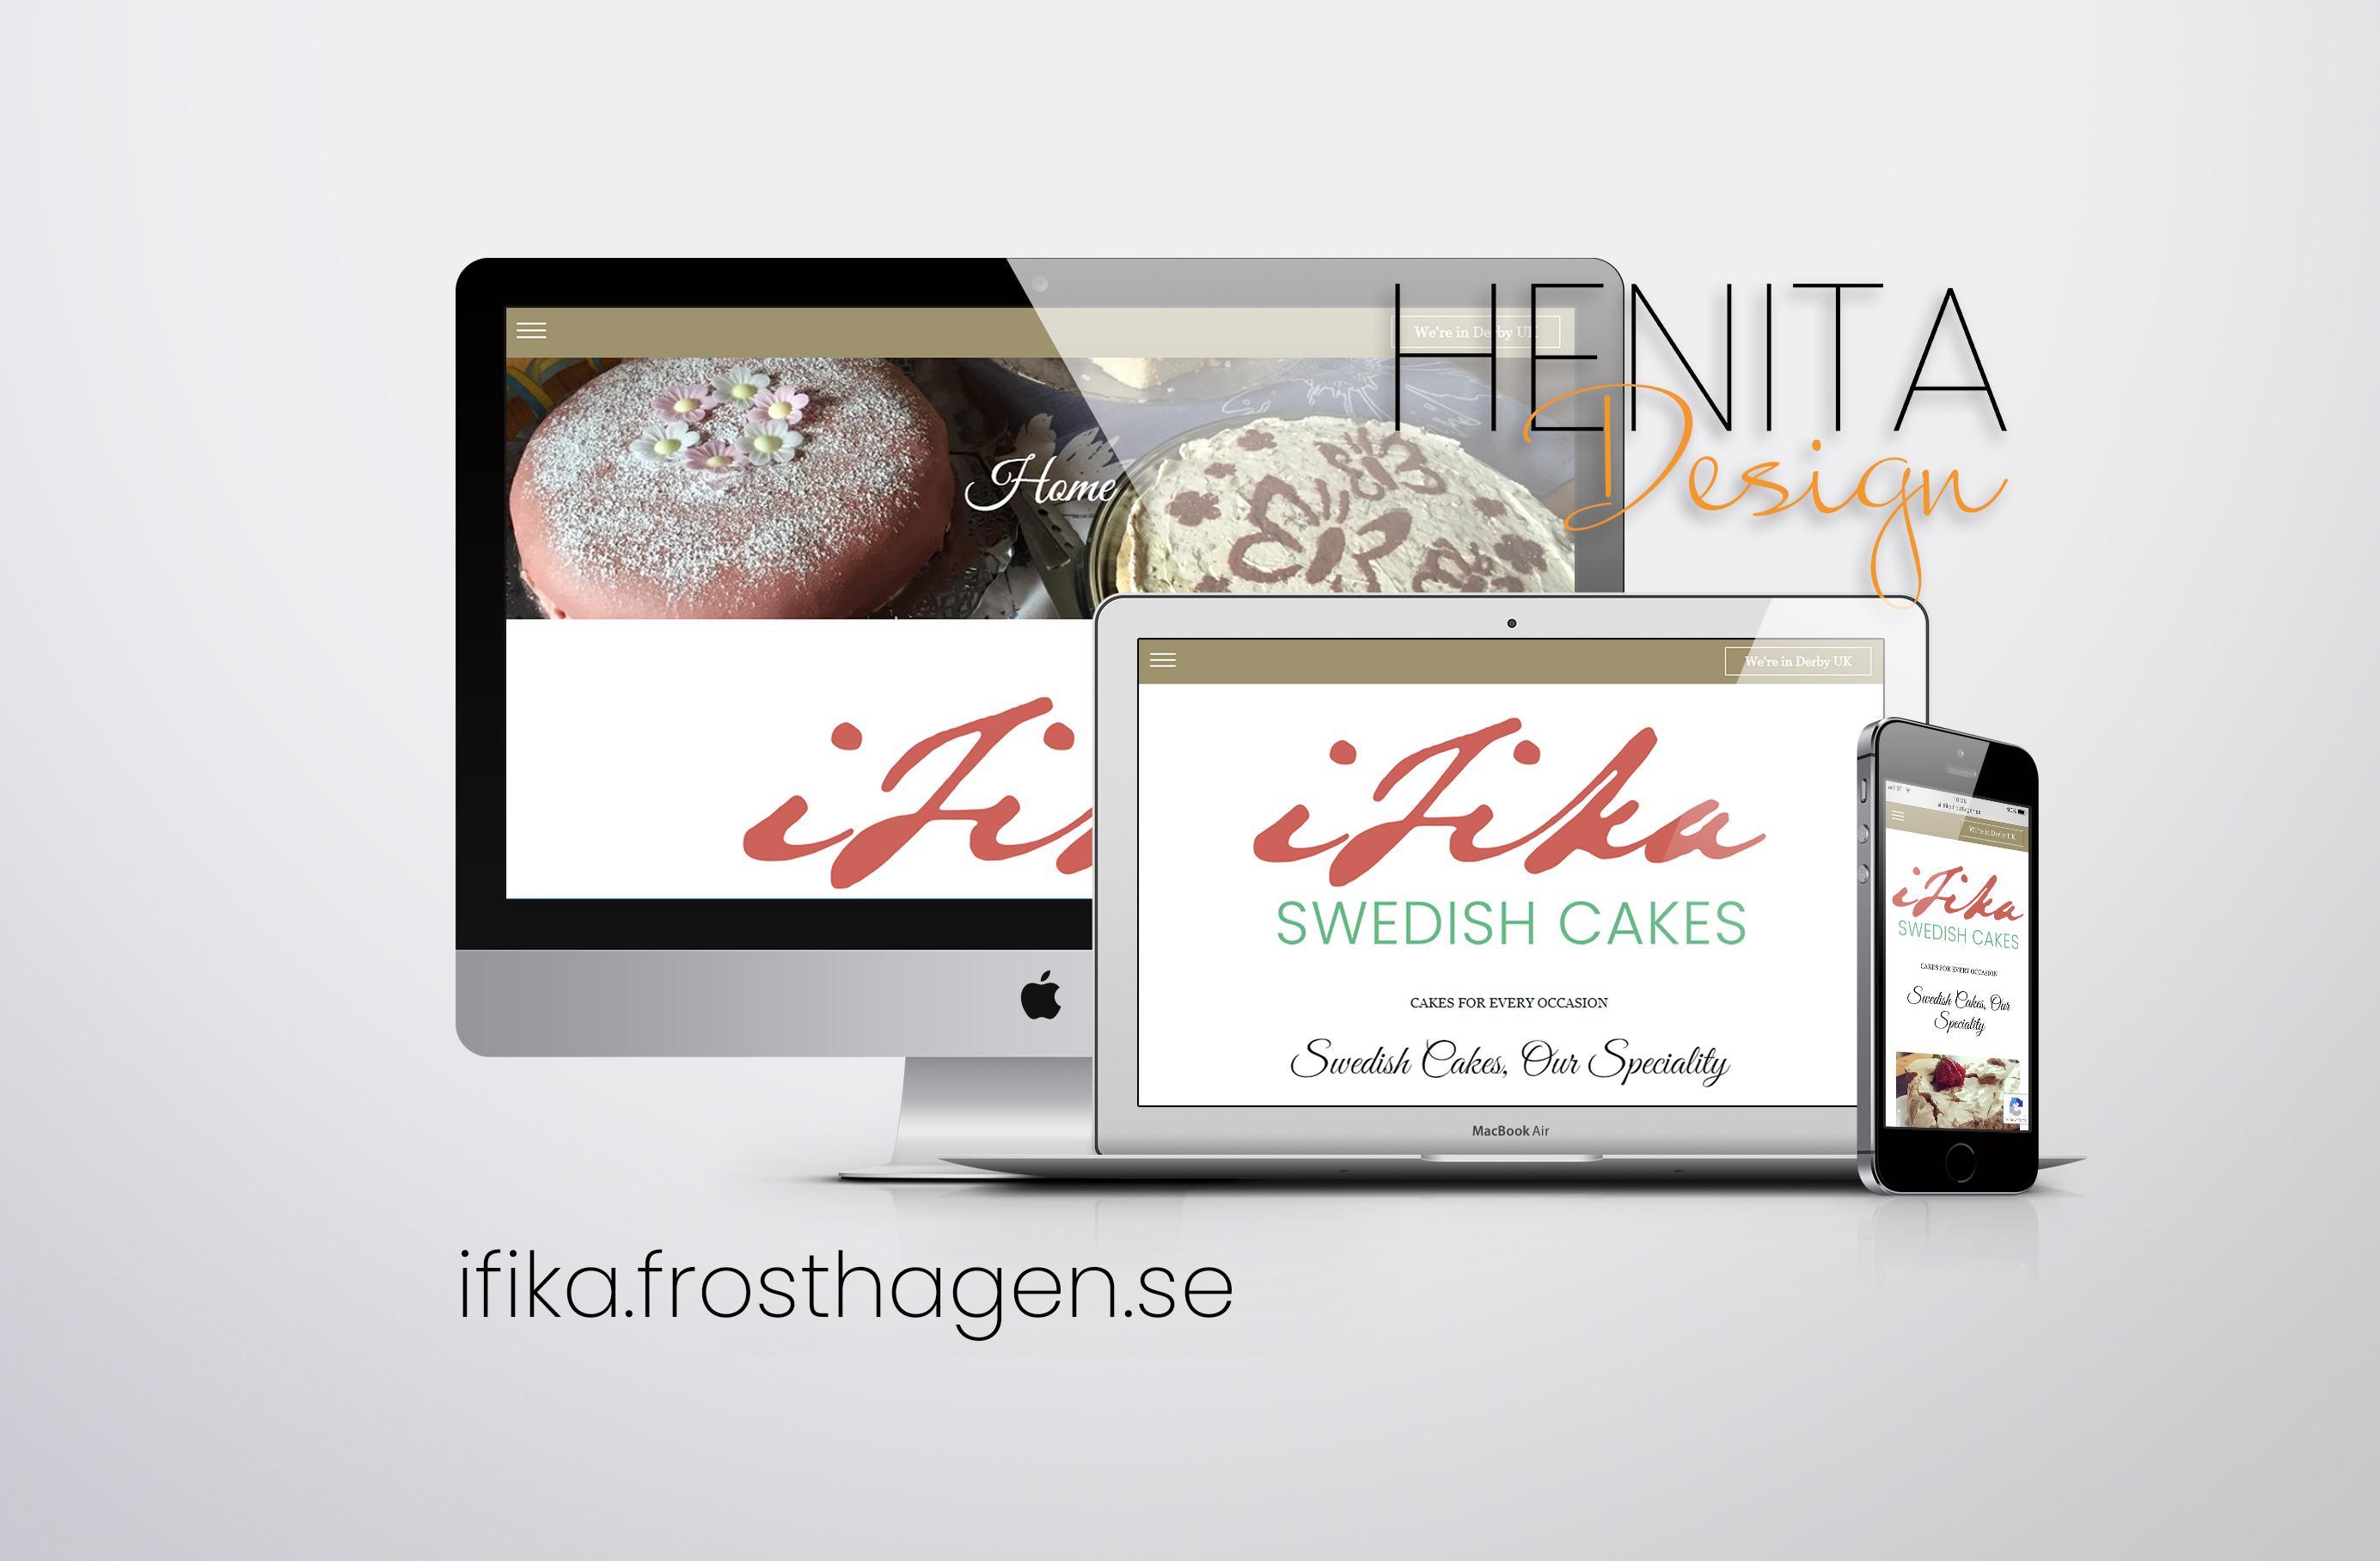 https://ifika.frosthagen.se